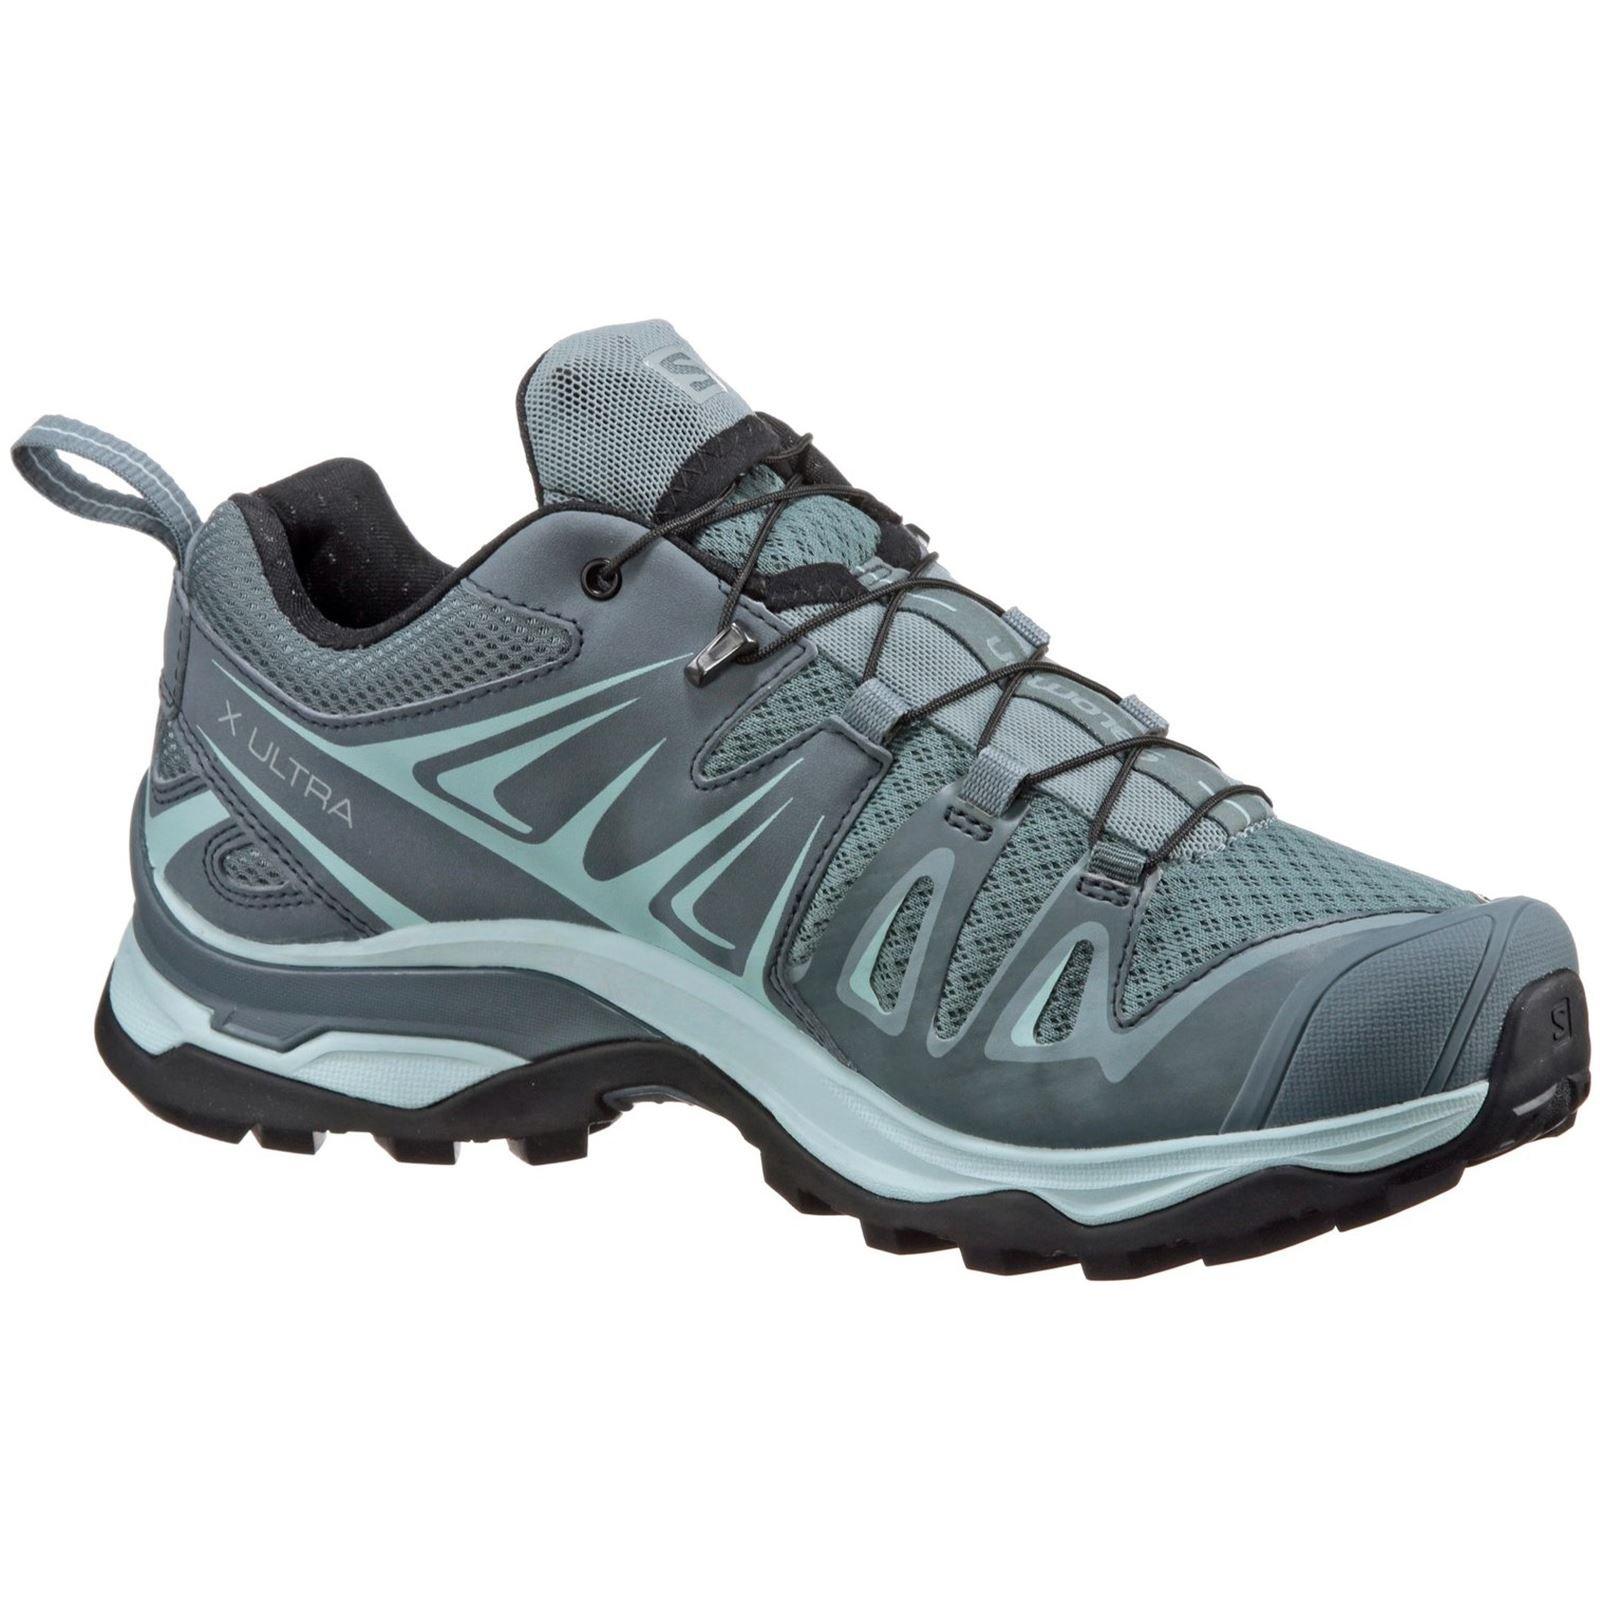 Salomon Women's X Ultra 3 W Trail Running Shoe, Lead, 9.5 M US